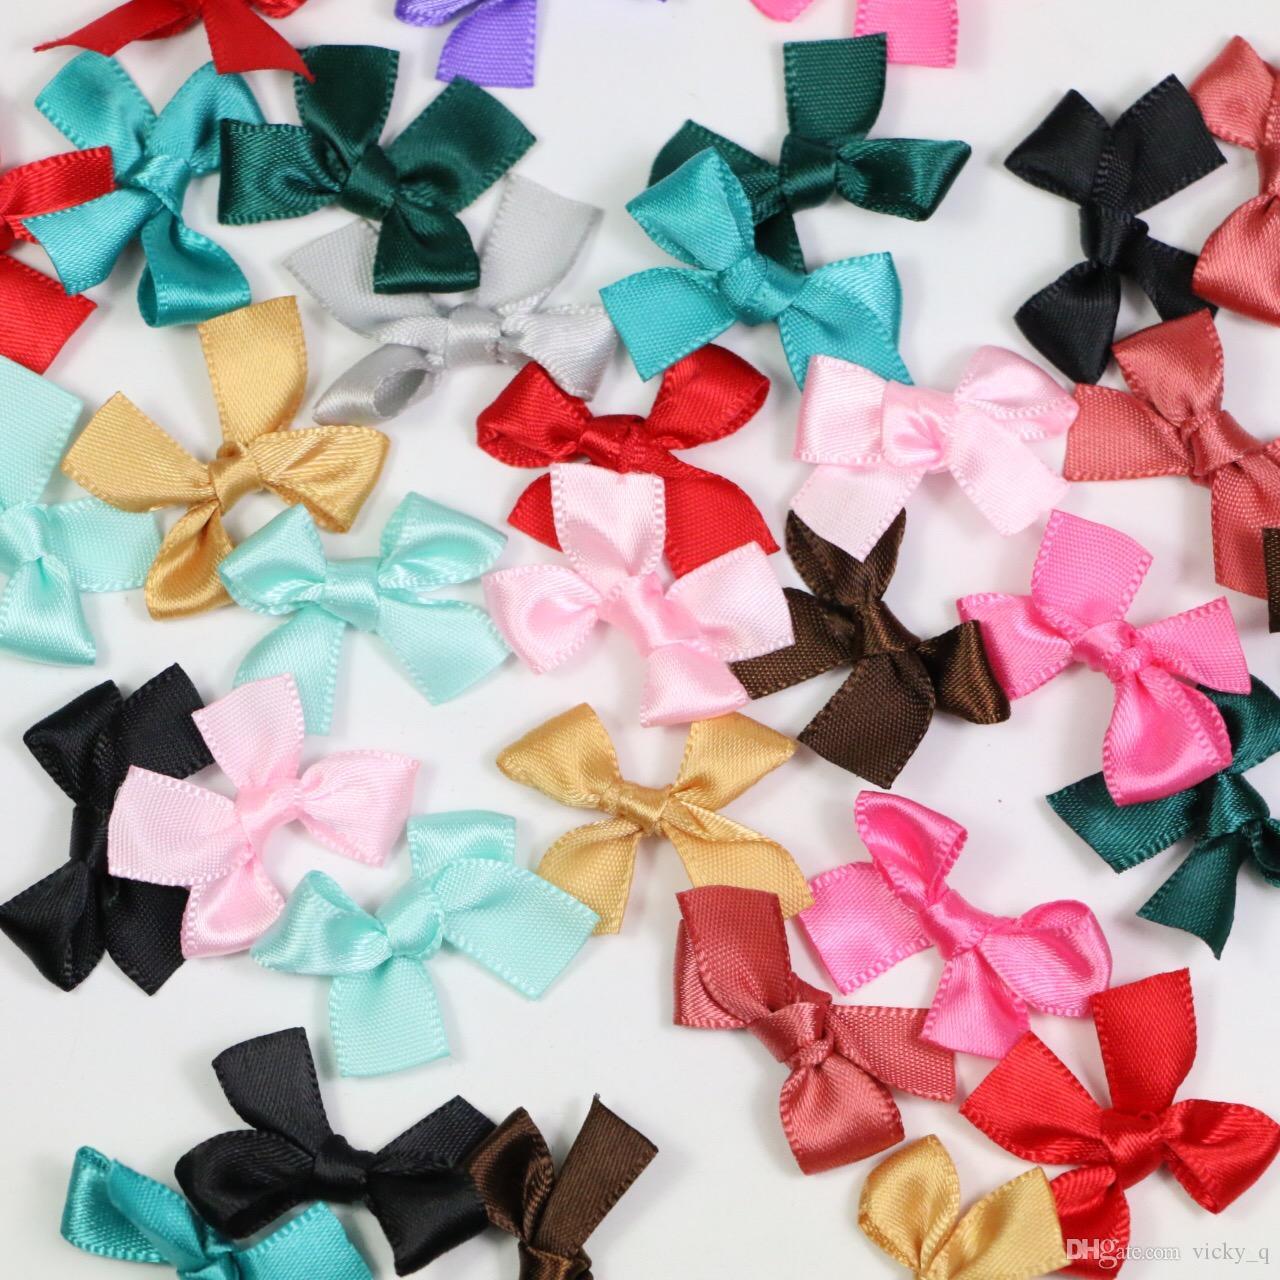 30 * 25mm colorato raso di seta mini nastro di raso piccoli archi capelli applique mestiere decorazione artificiale baby shower festa di nozze 1000 pz